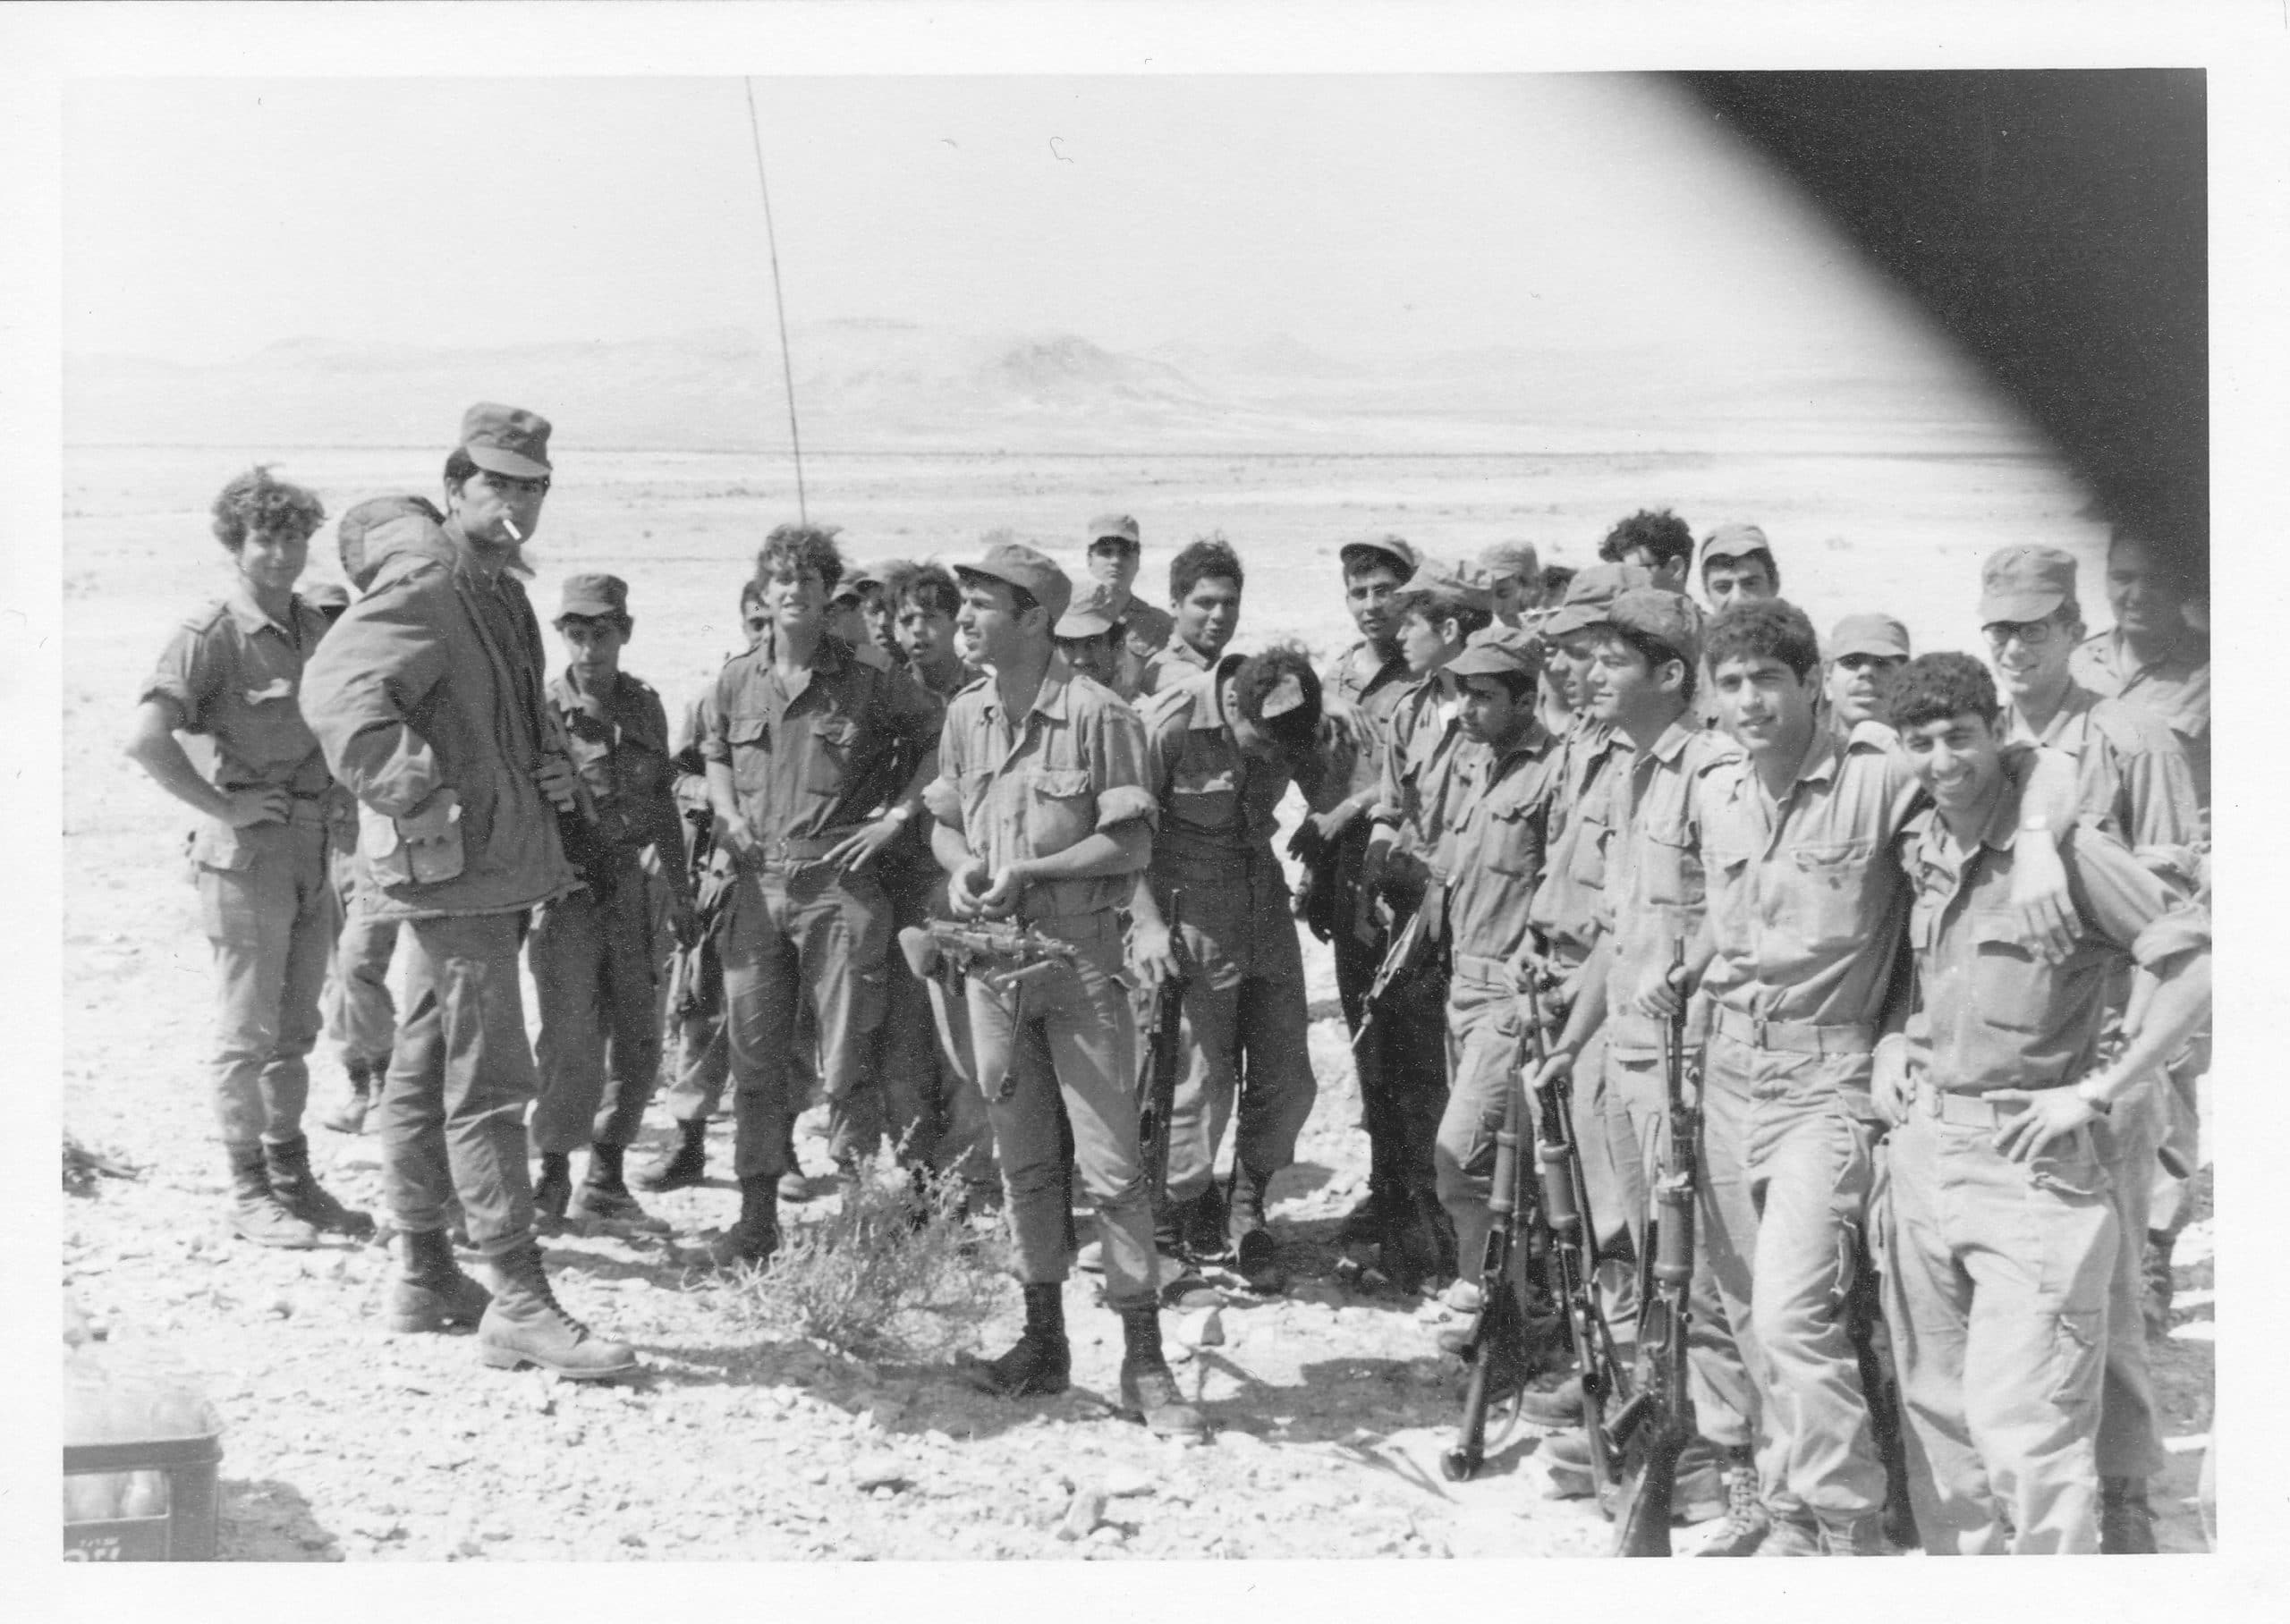 סוללה ג' גדוד 403 יוני 1973